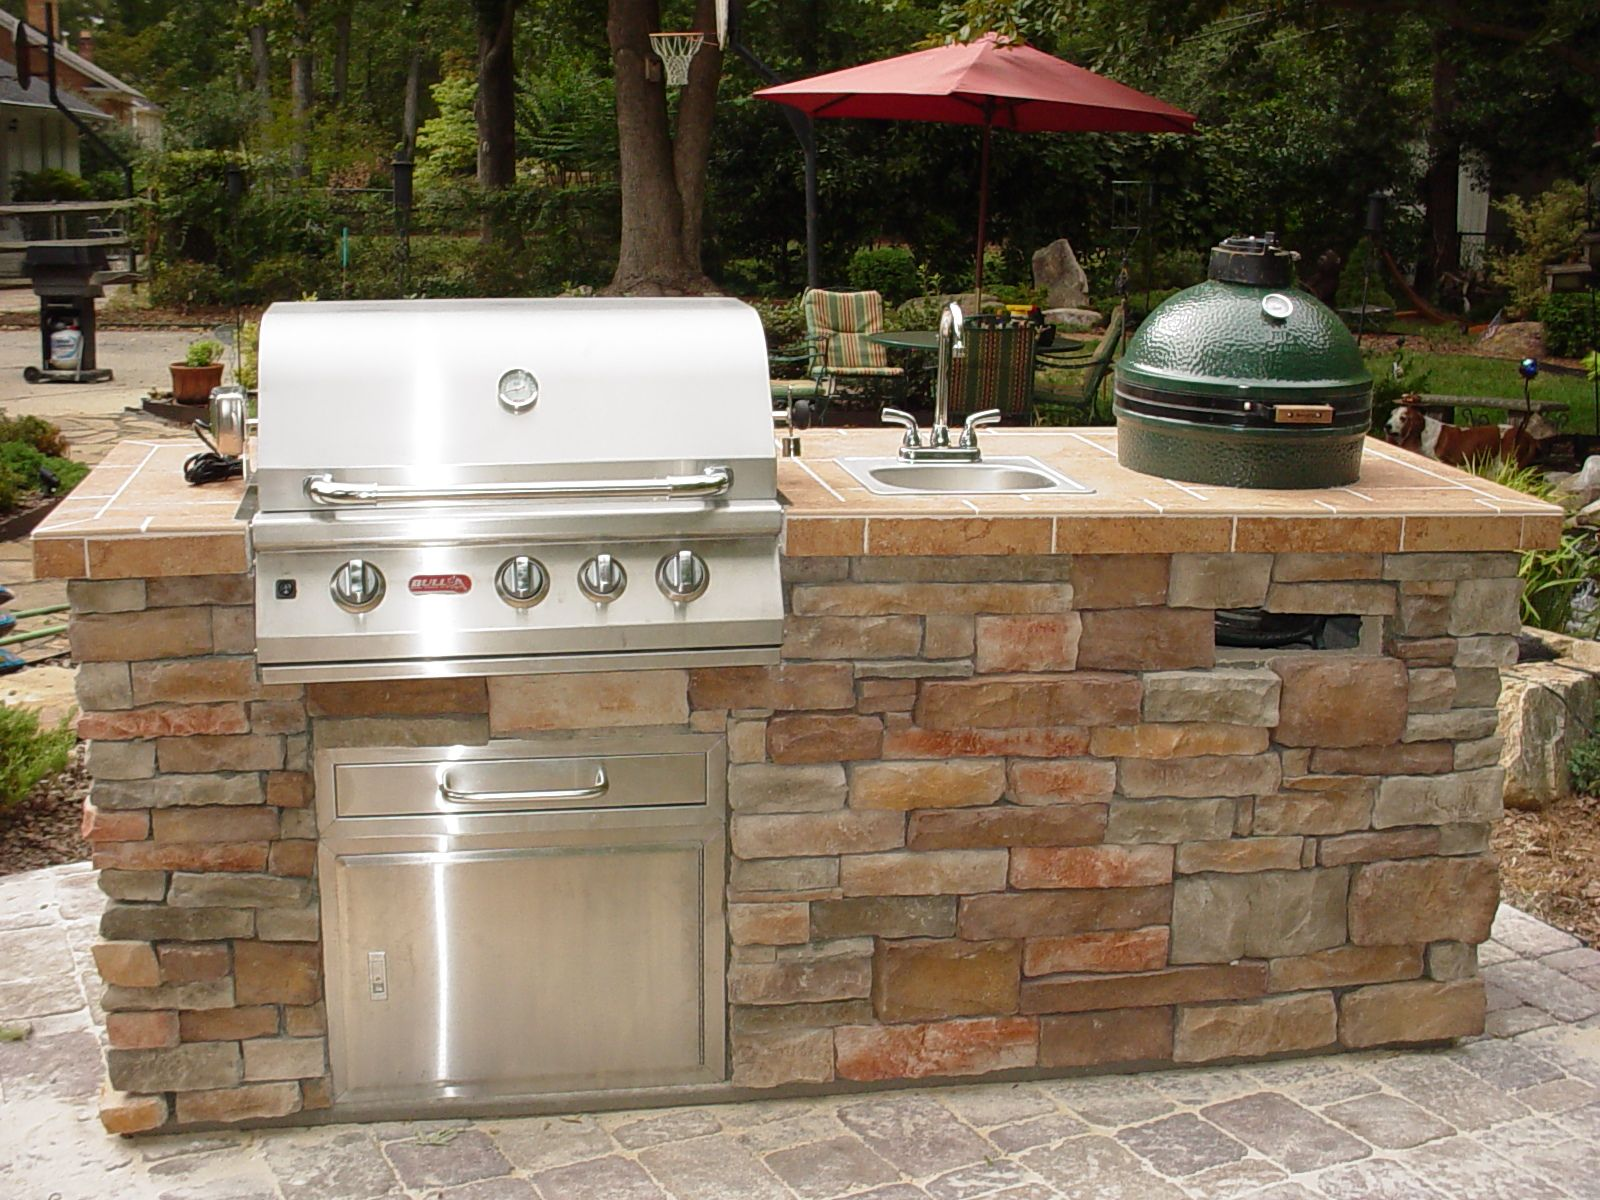 outdoor kitchens outdoor kitchen ideas Big Green Egg Outdoor Kitchen Ideas backyard kitchen big egg